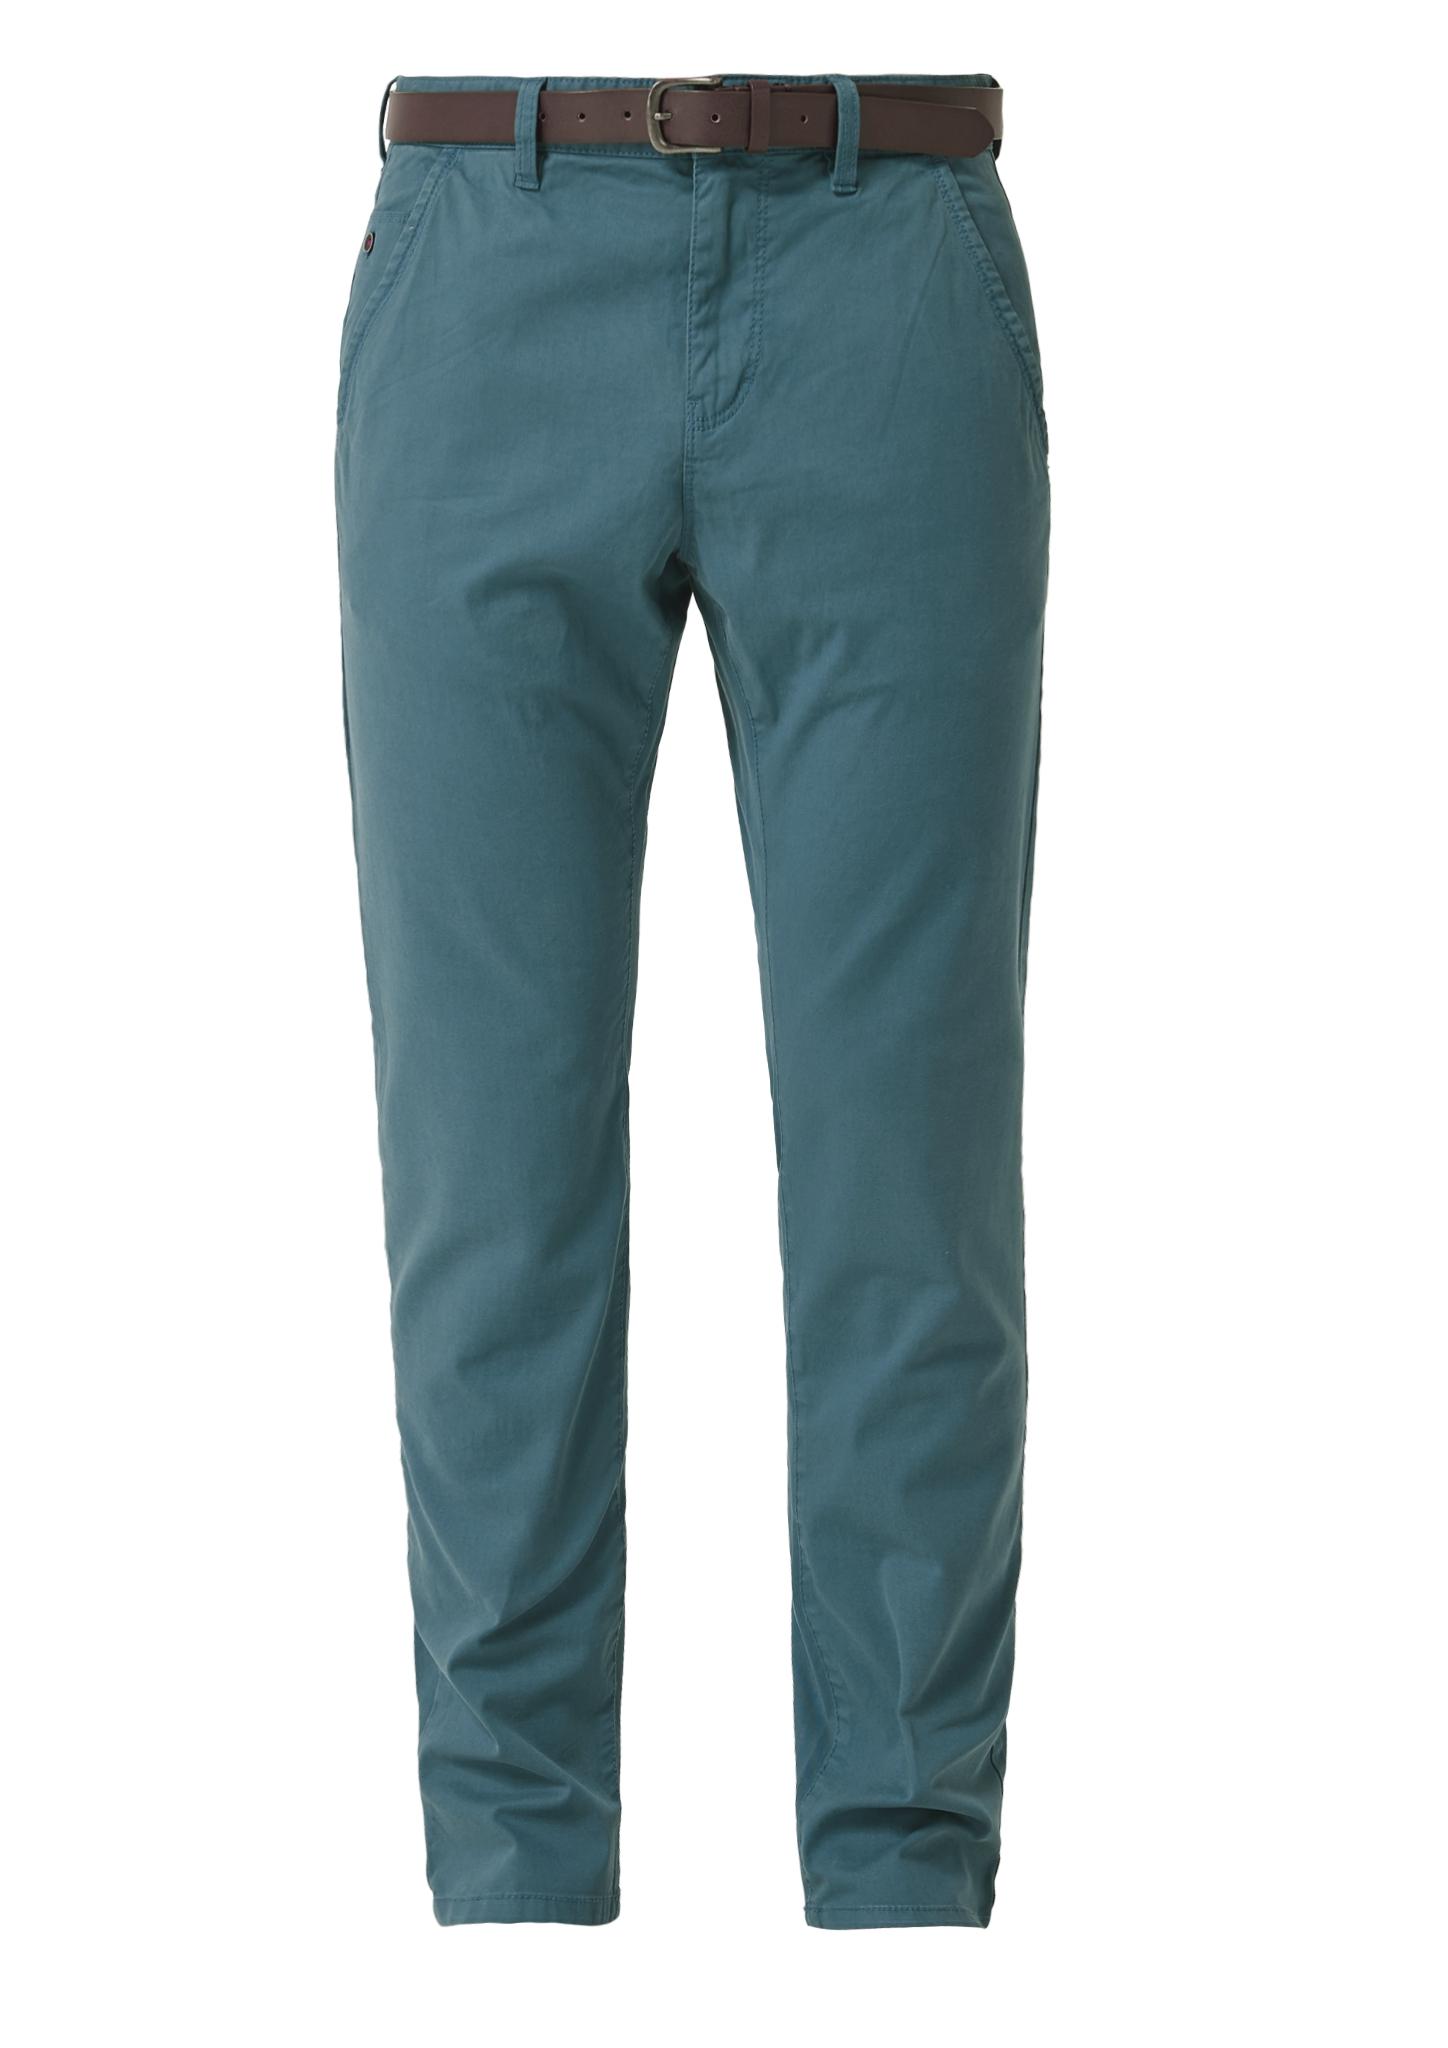 Chino | Bekleidung > Hosen | Blau | Oberstoff: 98% baumwolle -  2% elasthan| futter: 100% baumwolle | s.Oliver